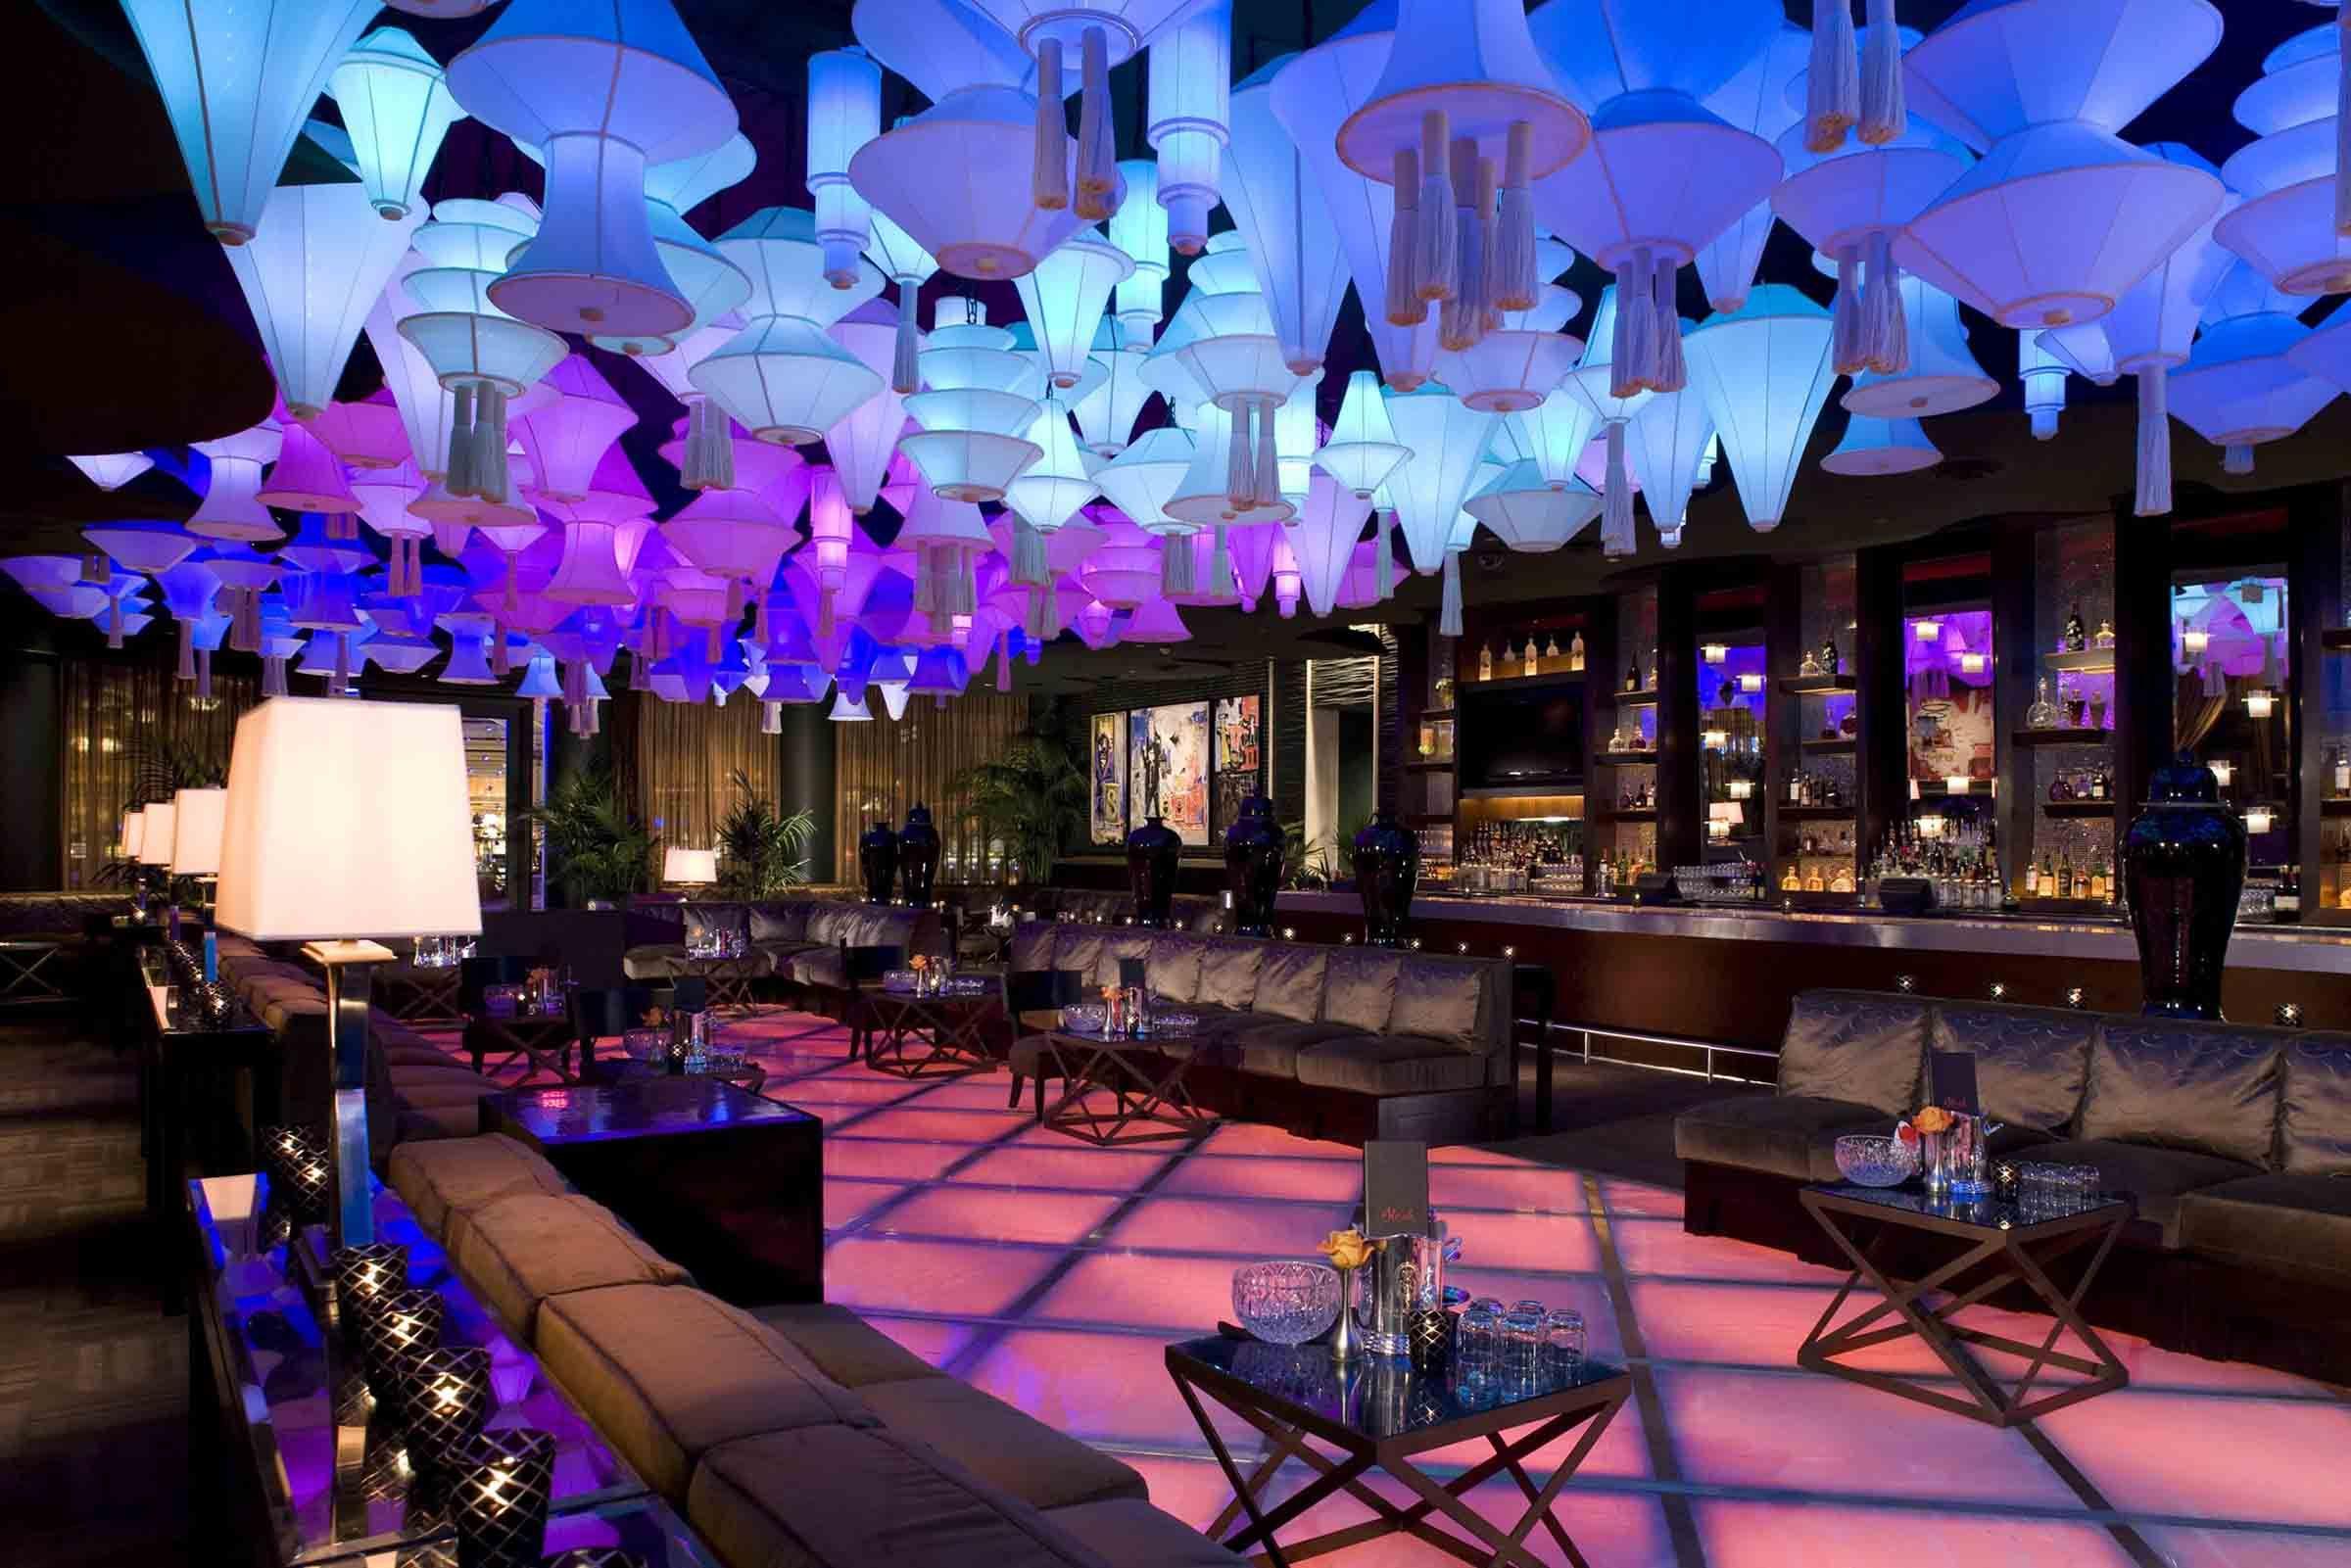 Interior design decor nightclub club bar for Interior design las vegas